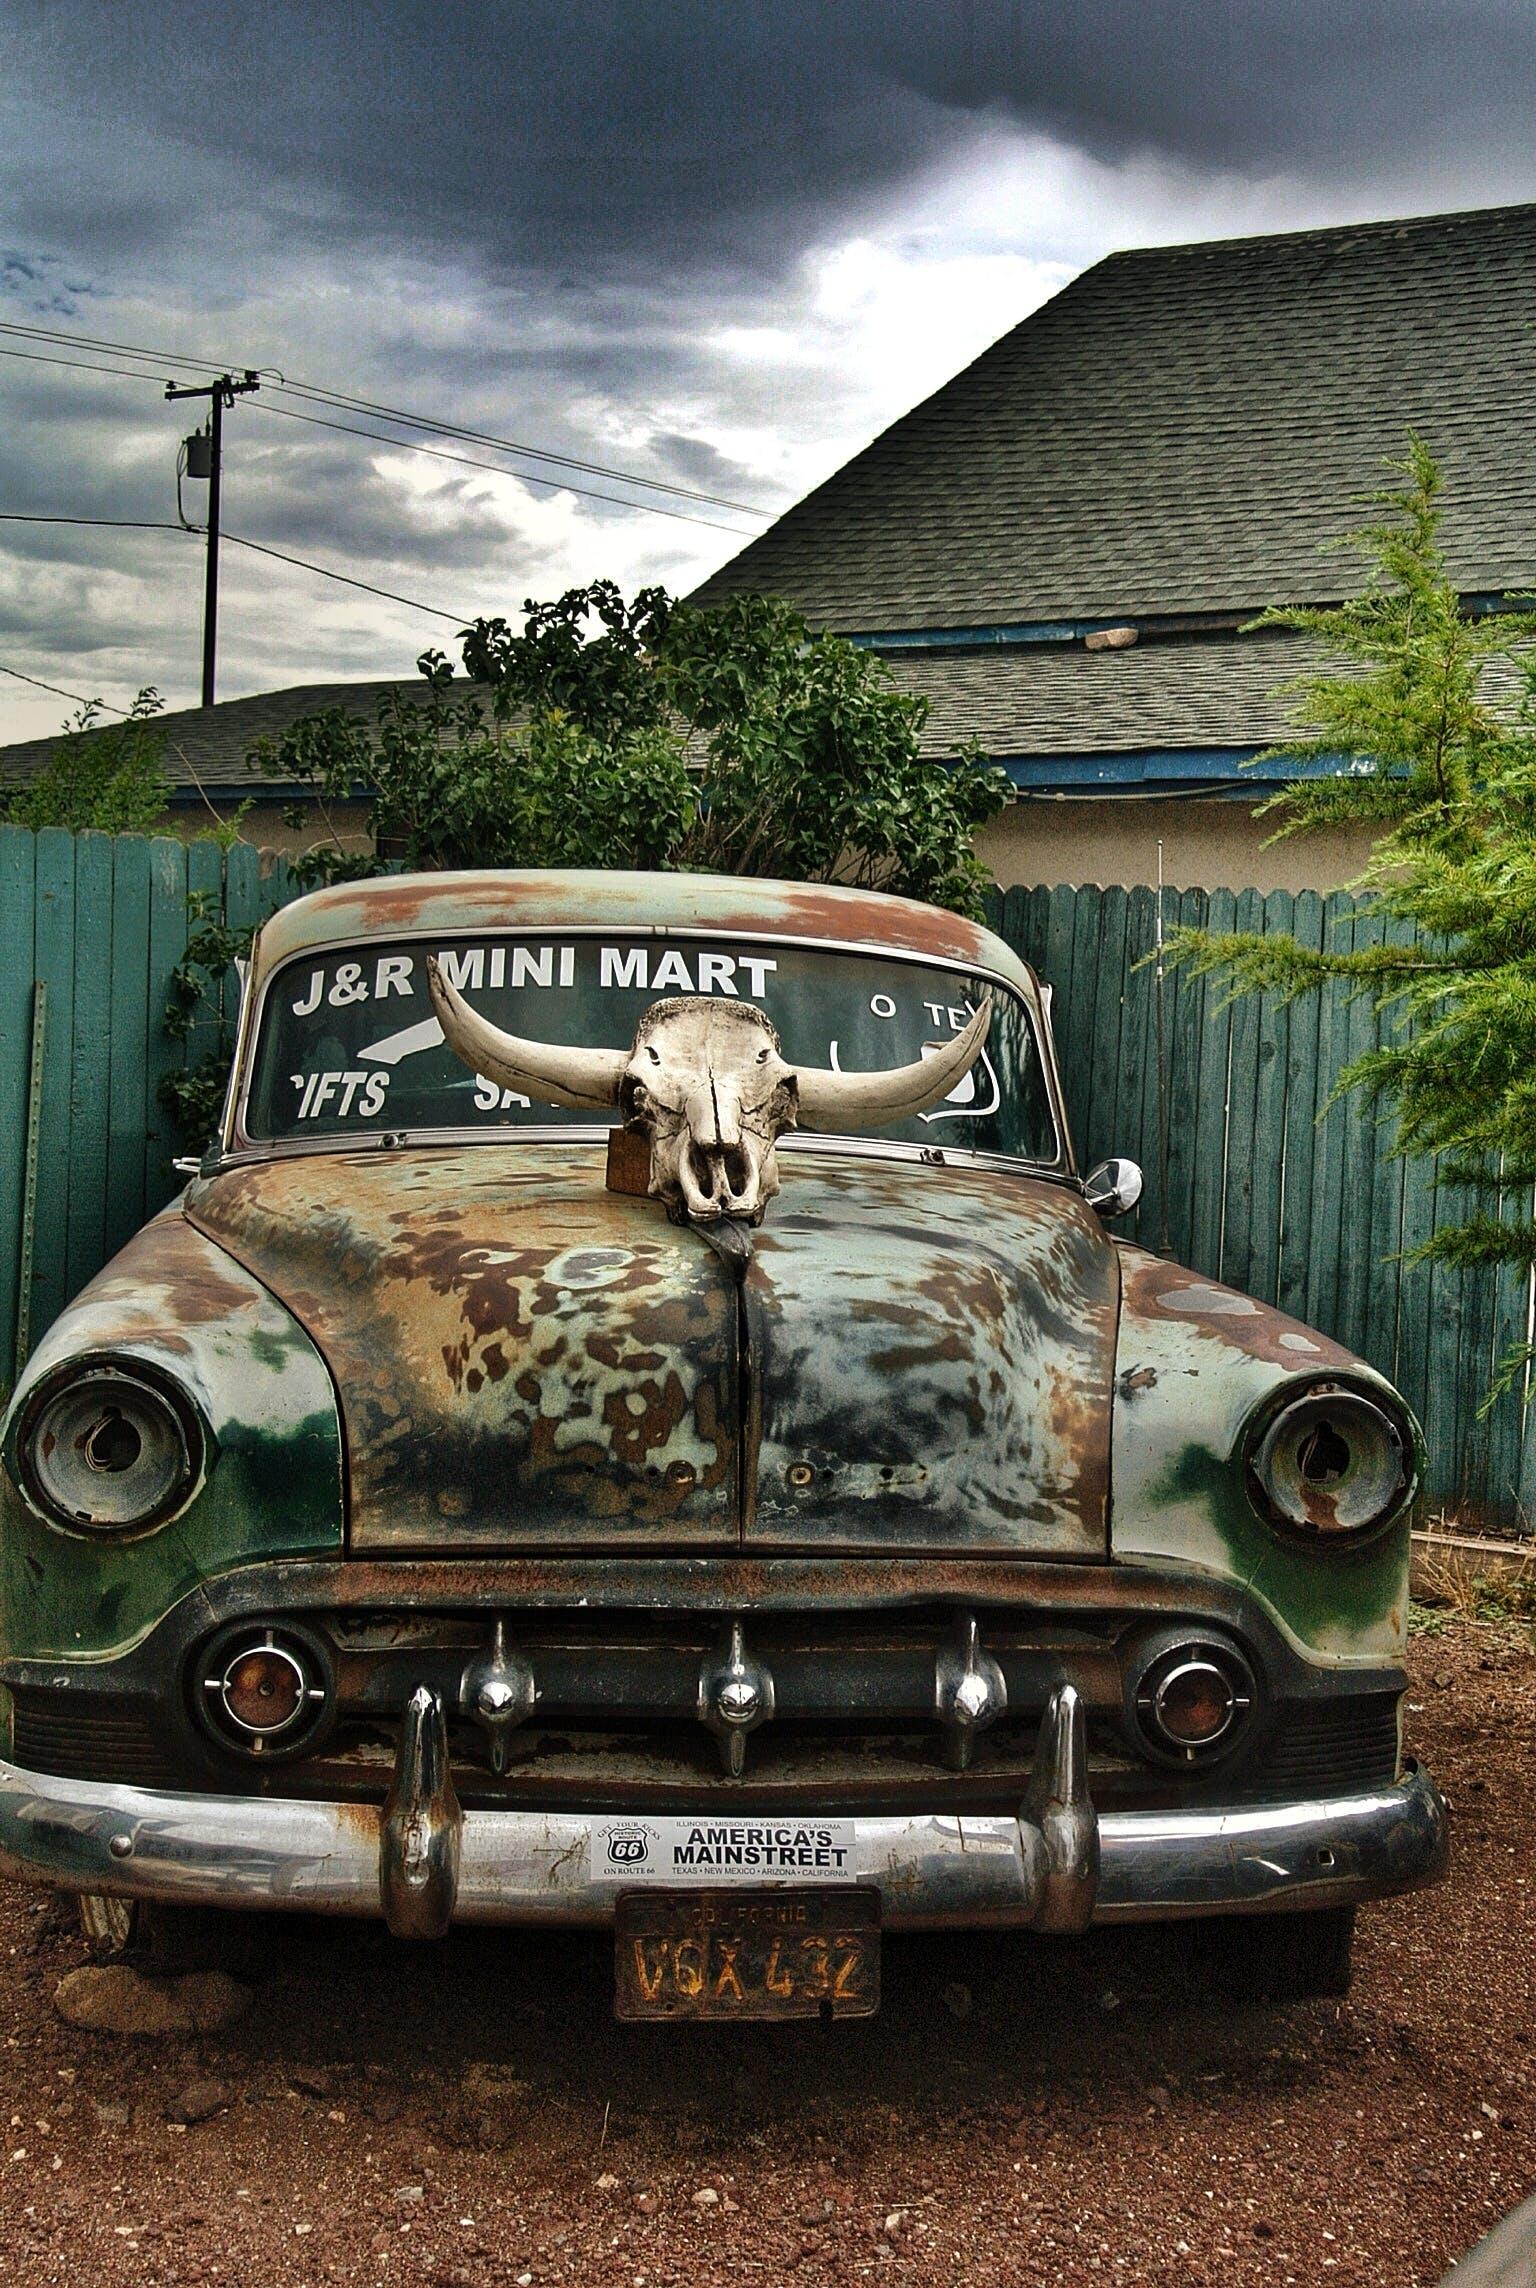 abandoned, antique, automobile